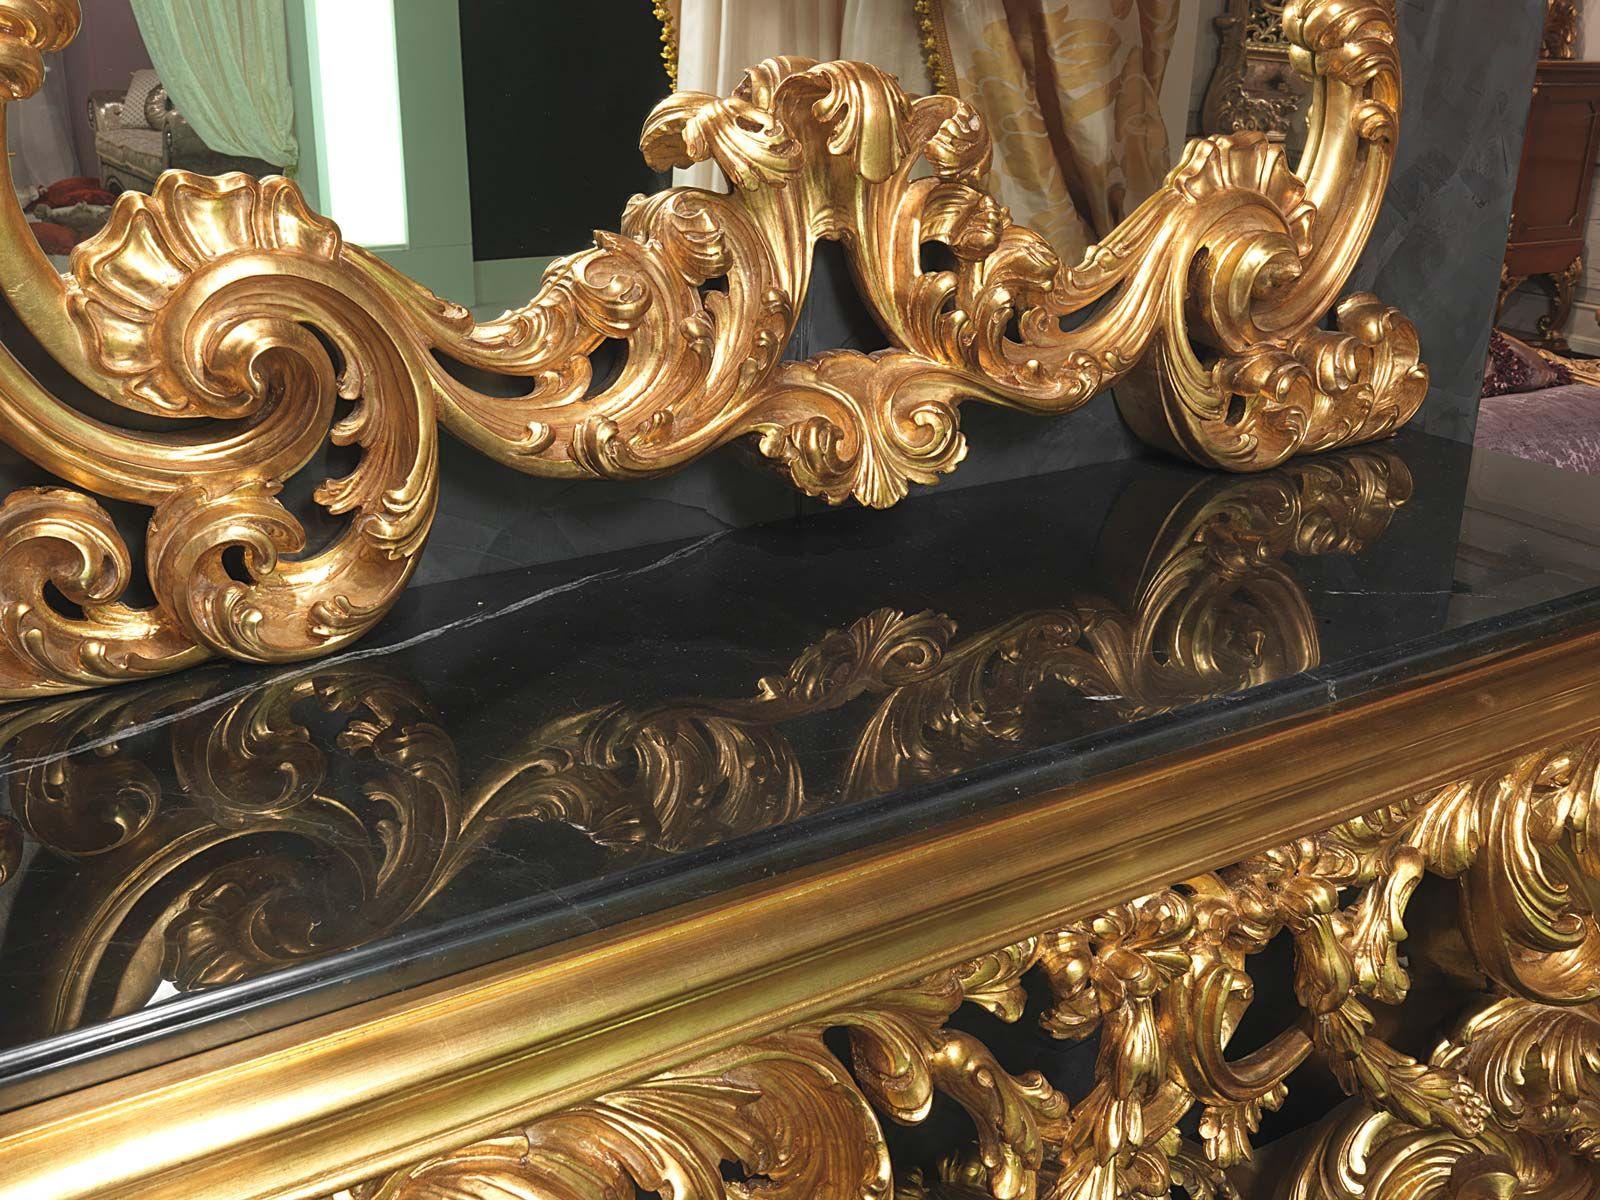 Vimercati mobili ~ Baroque italian th century console unique piece vimercati